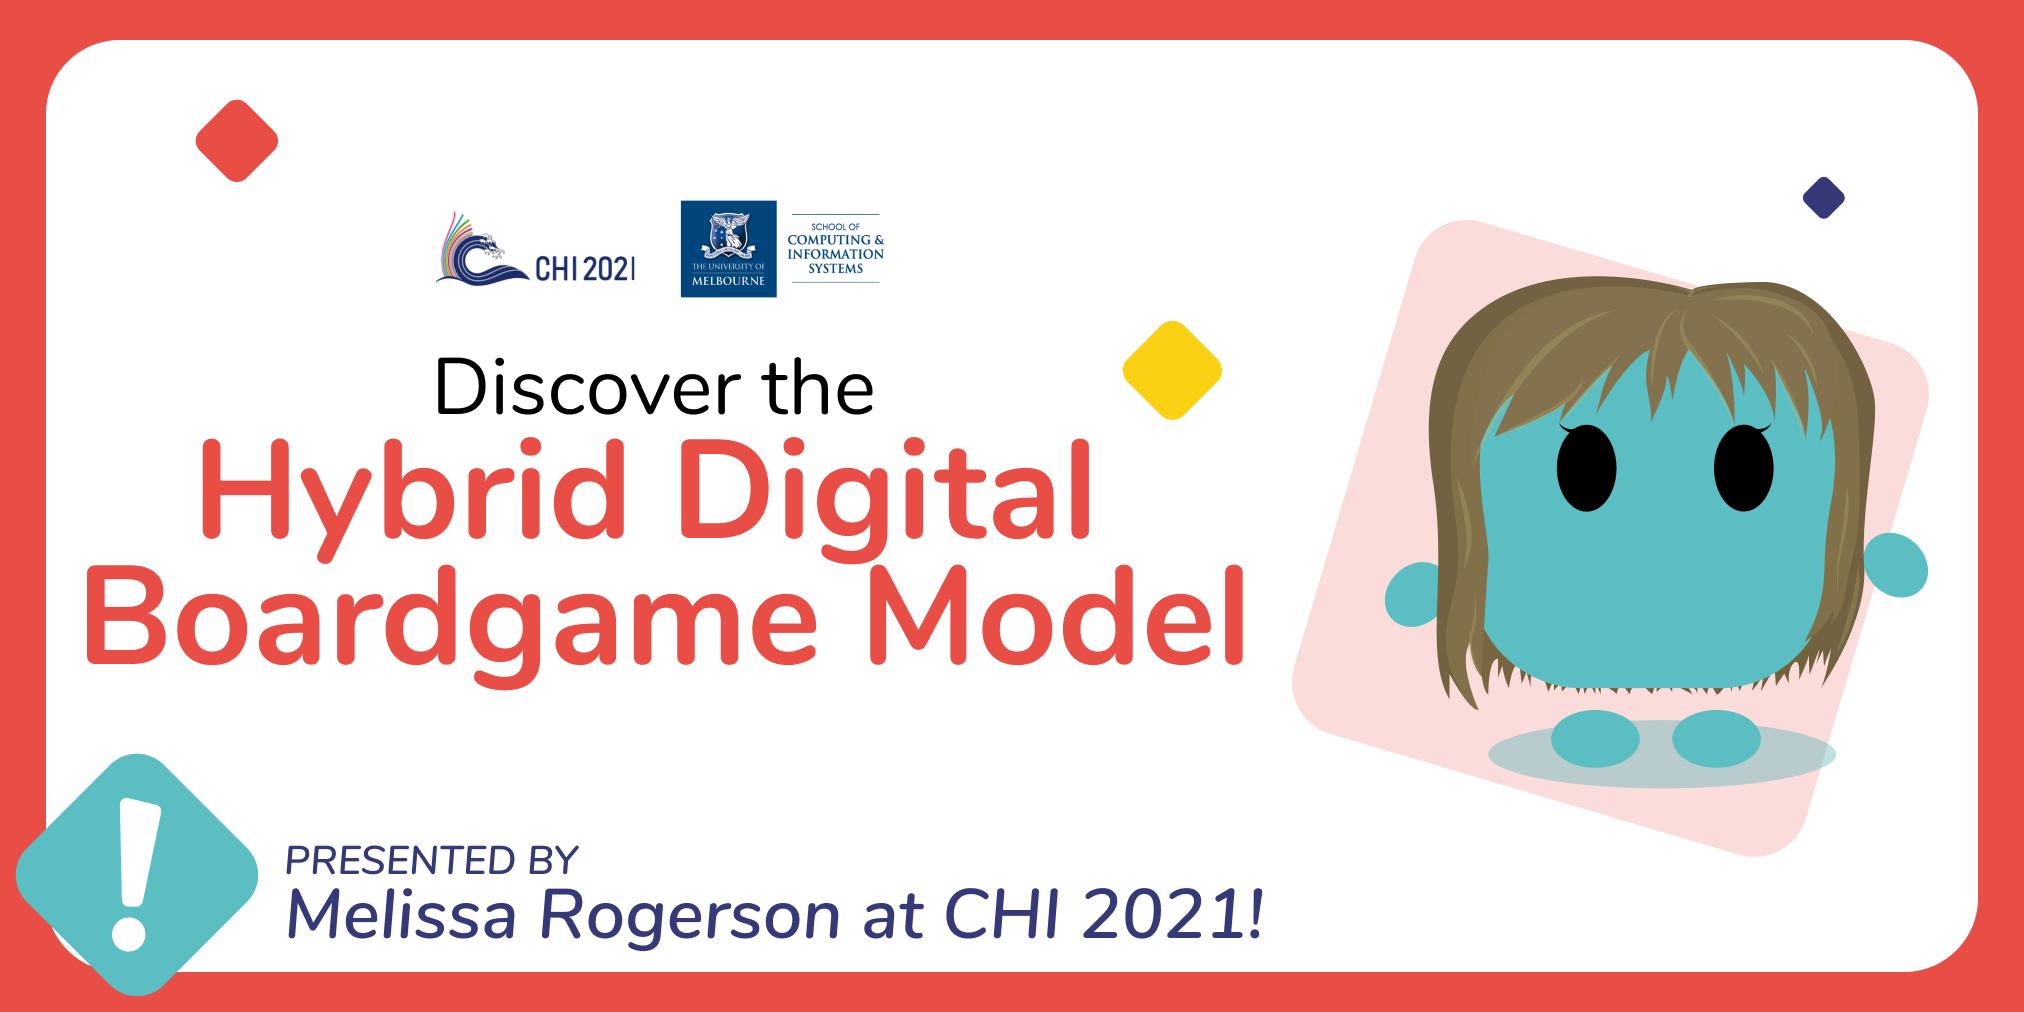 La conférence CHI 2021 s'est déroulée du 8 au 13 mai 2021 en virtuel.